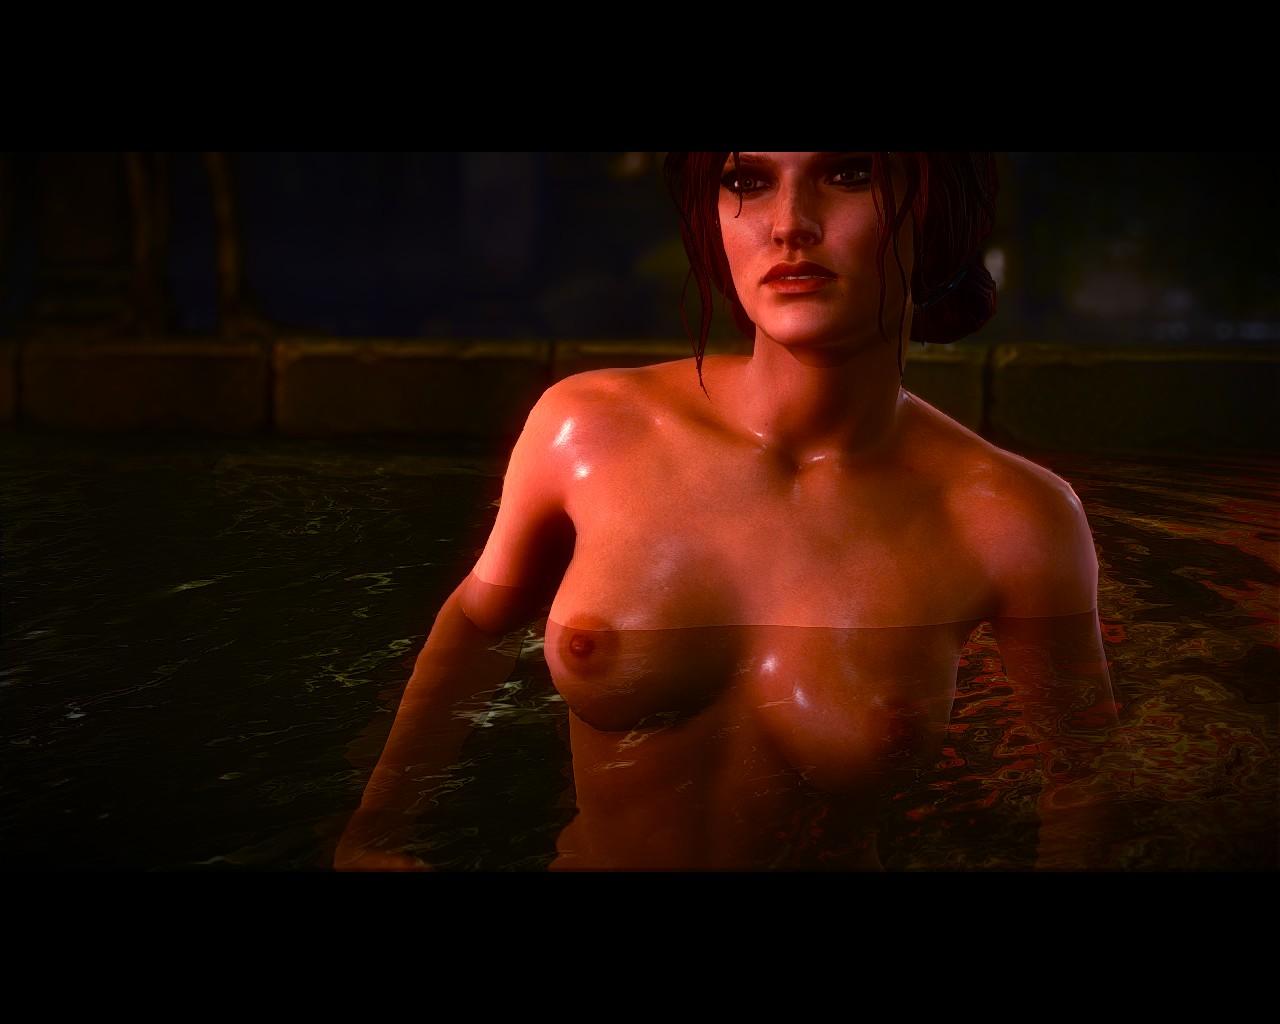 Witcher sex scene smut galleries